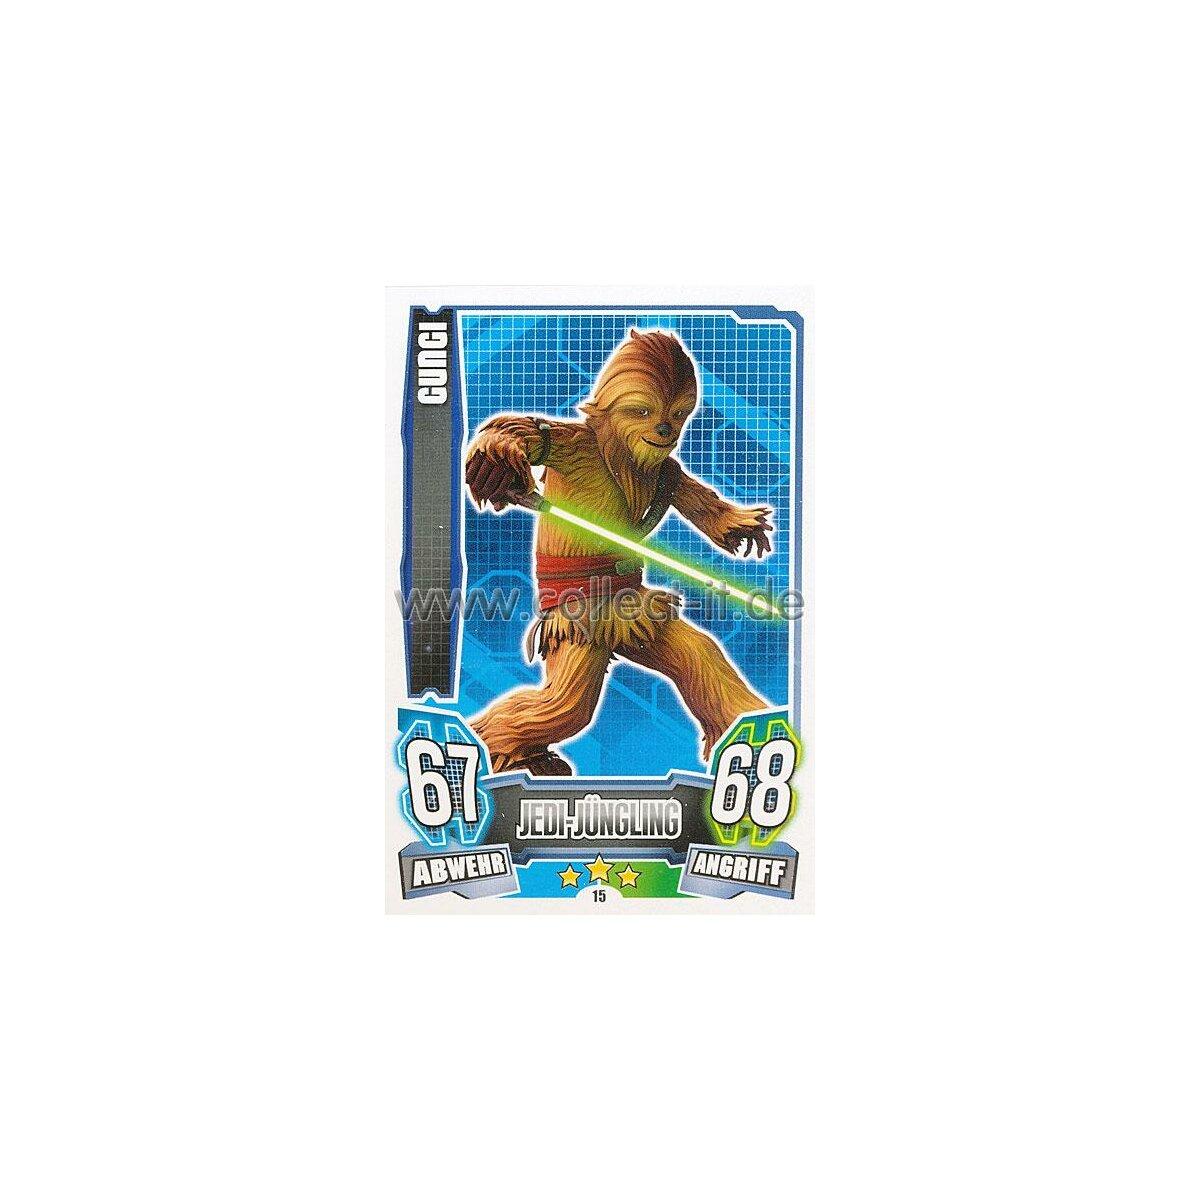 Fa4 015 Gungi Jedi Jungling Die Republik Serie 4 1 49 I didn't know if gungi was an appropriate. collect it de